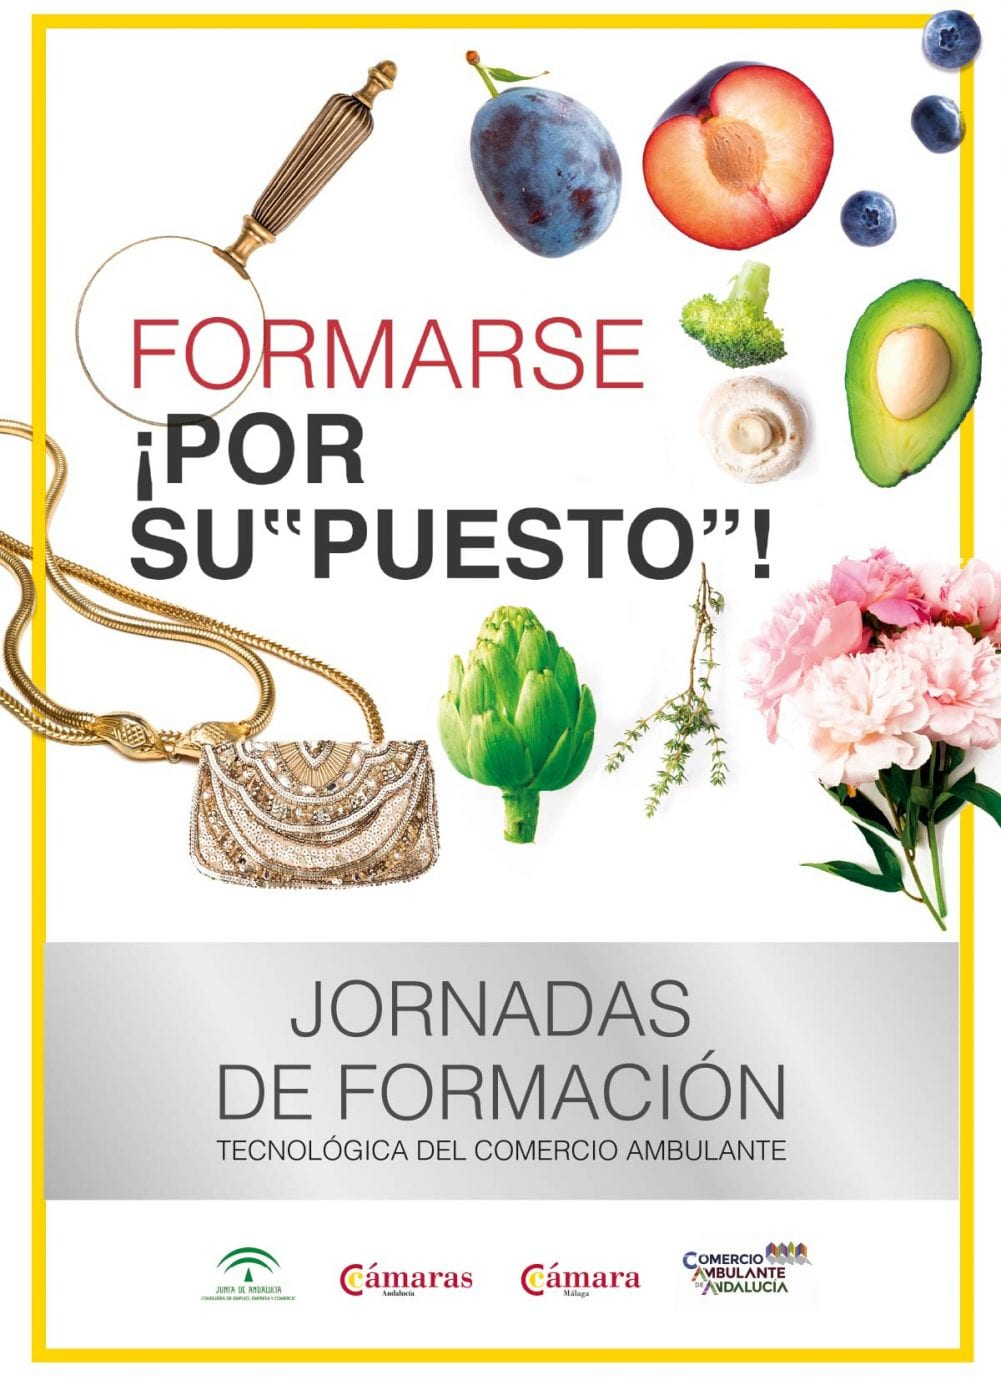 Cámara de Comercio de Málaga. Campaña creativa para cursos de formación para tenderos de los mercadillos de Málaga